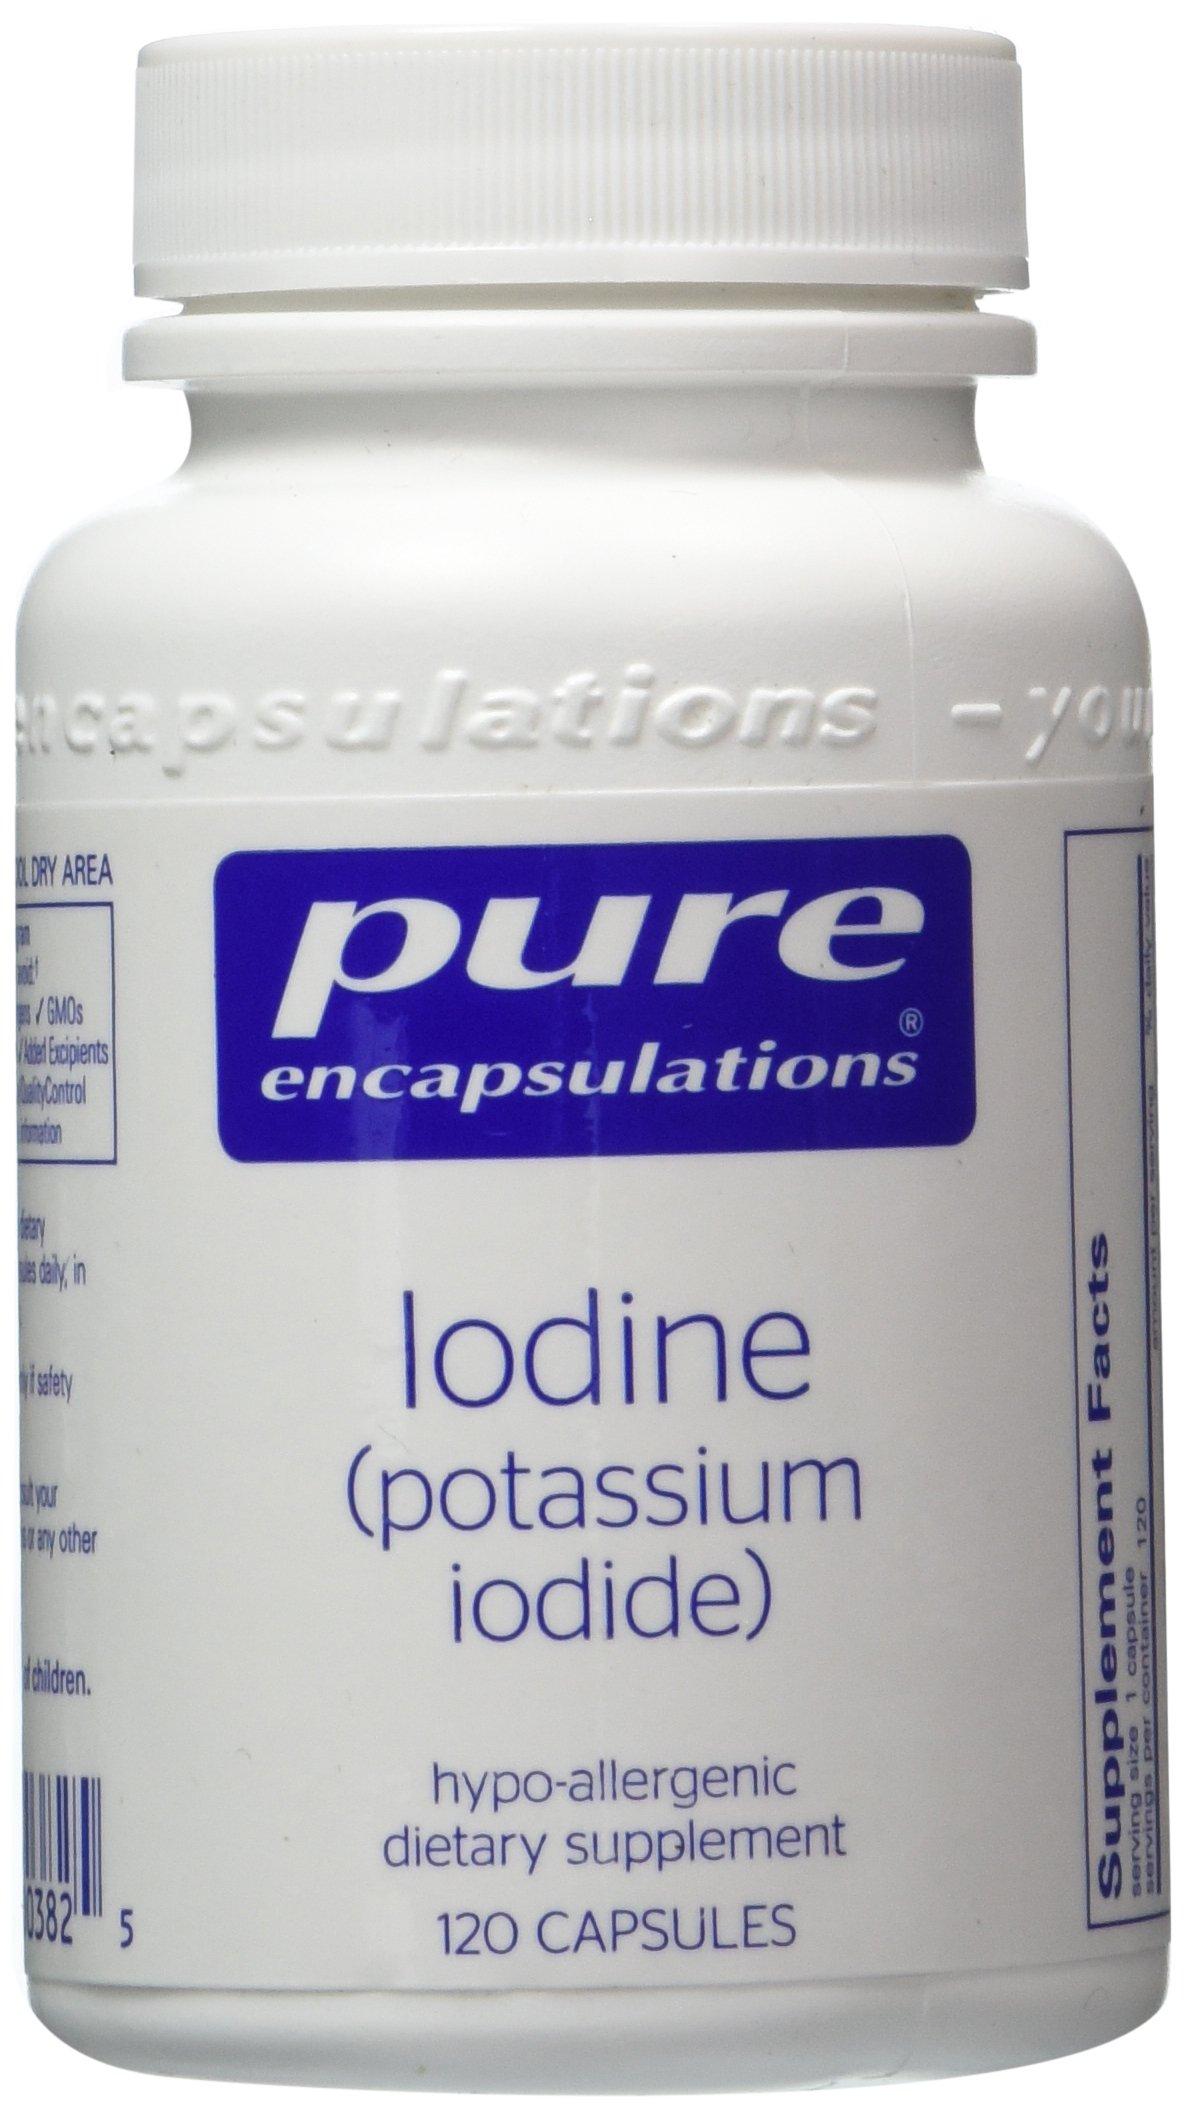 Pure Encapsulations - Iodine (potassium iodide) 120 vcaps- 2 pack